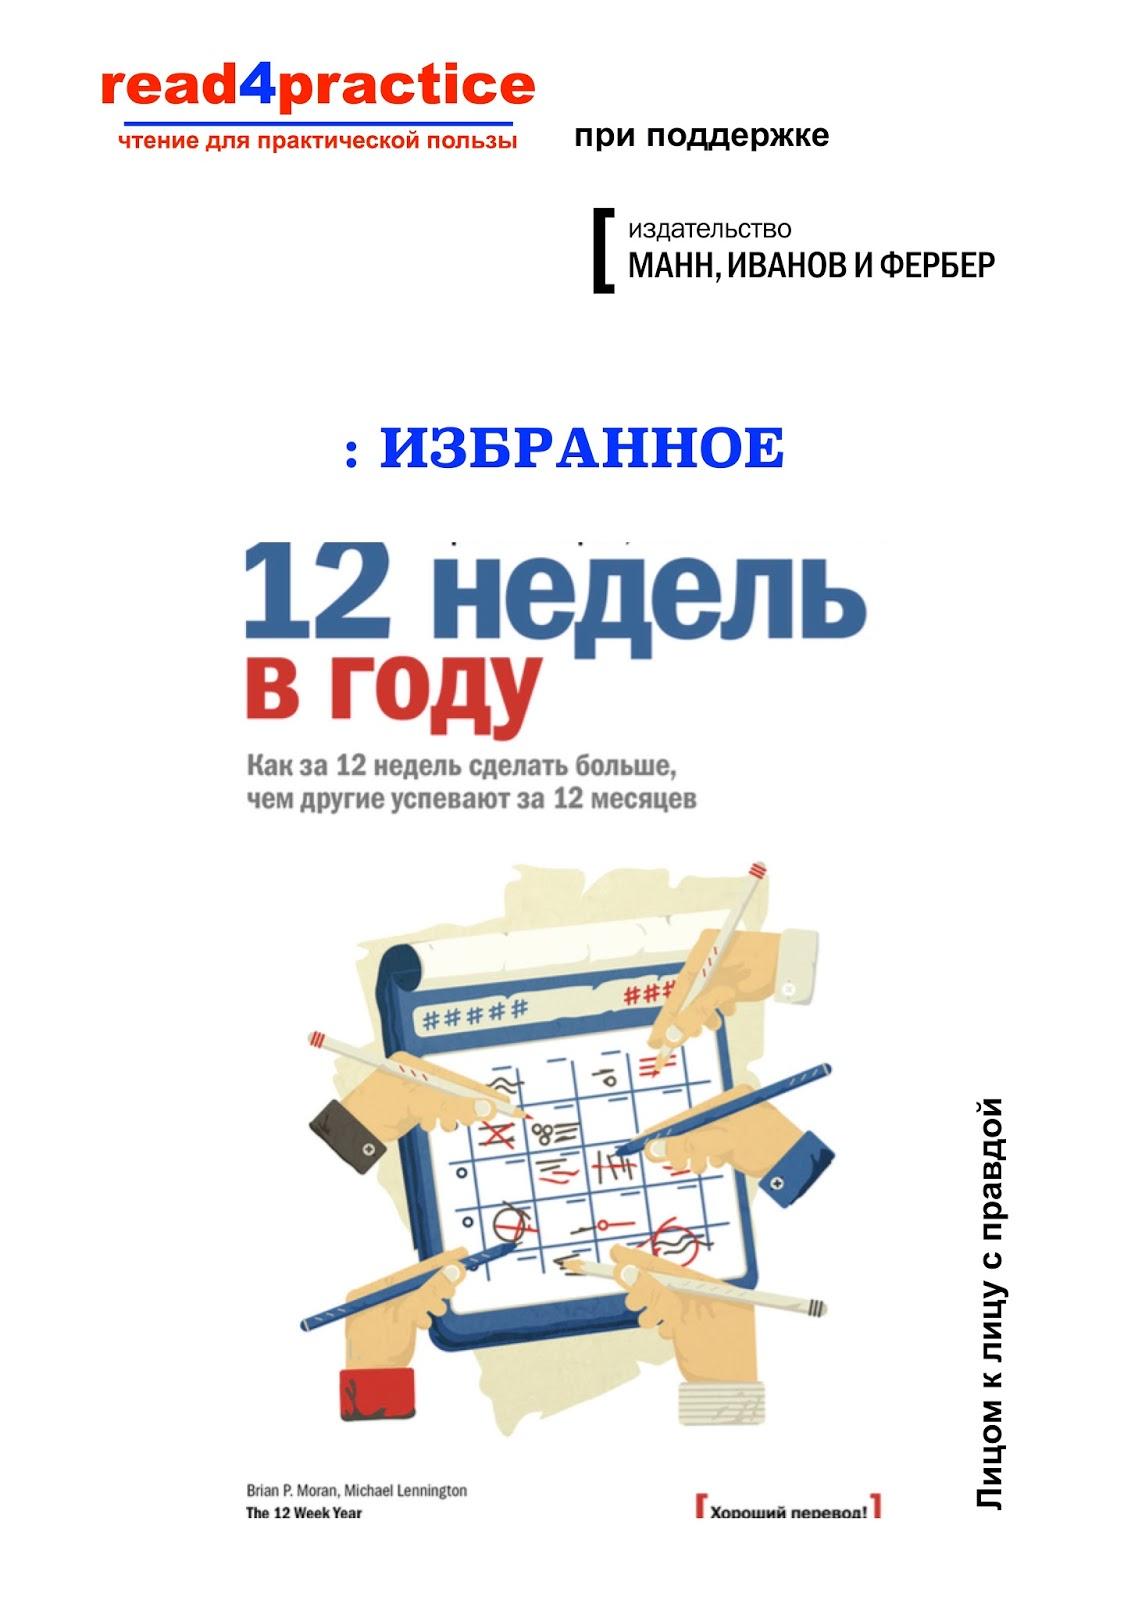 12 недель в году pdf скачать